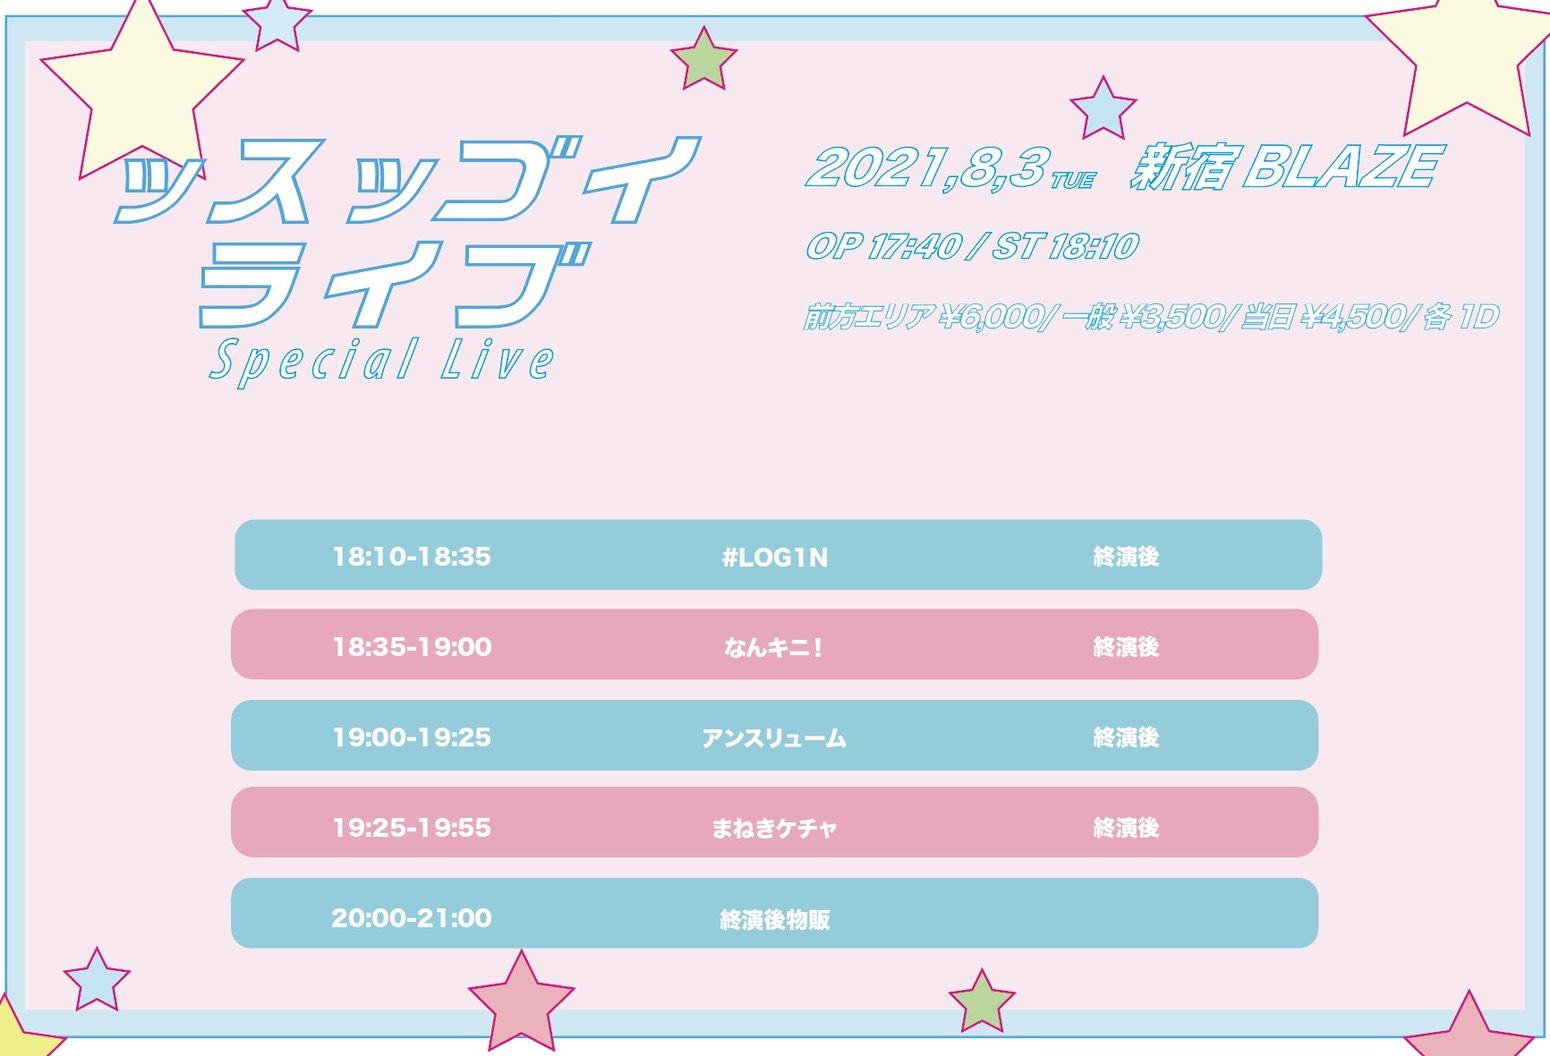 ッスッゴイライブ~Special Live~